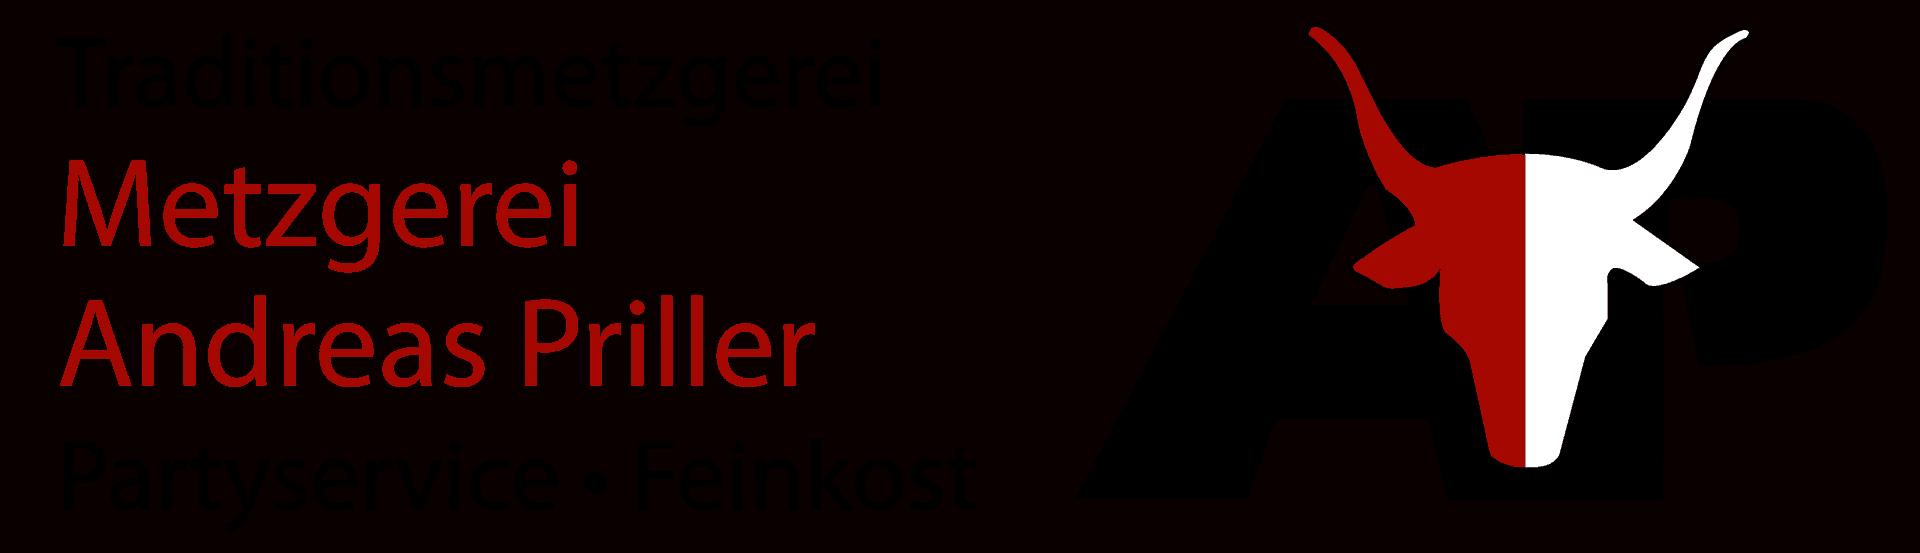 Metzgerei Priller - Andreas Priller